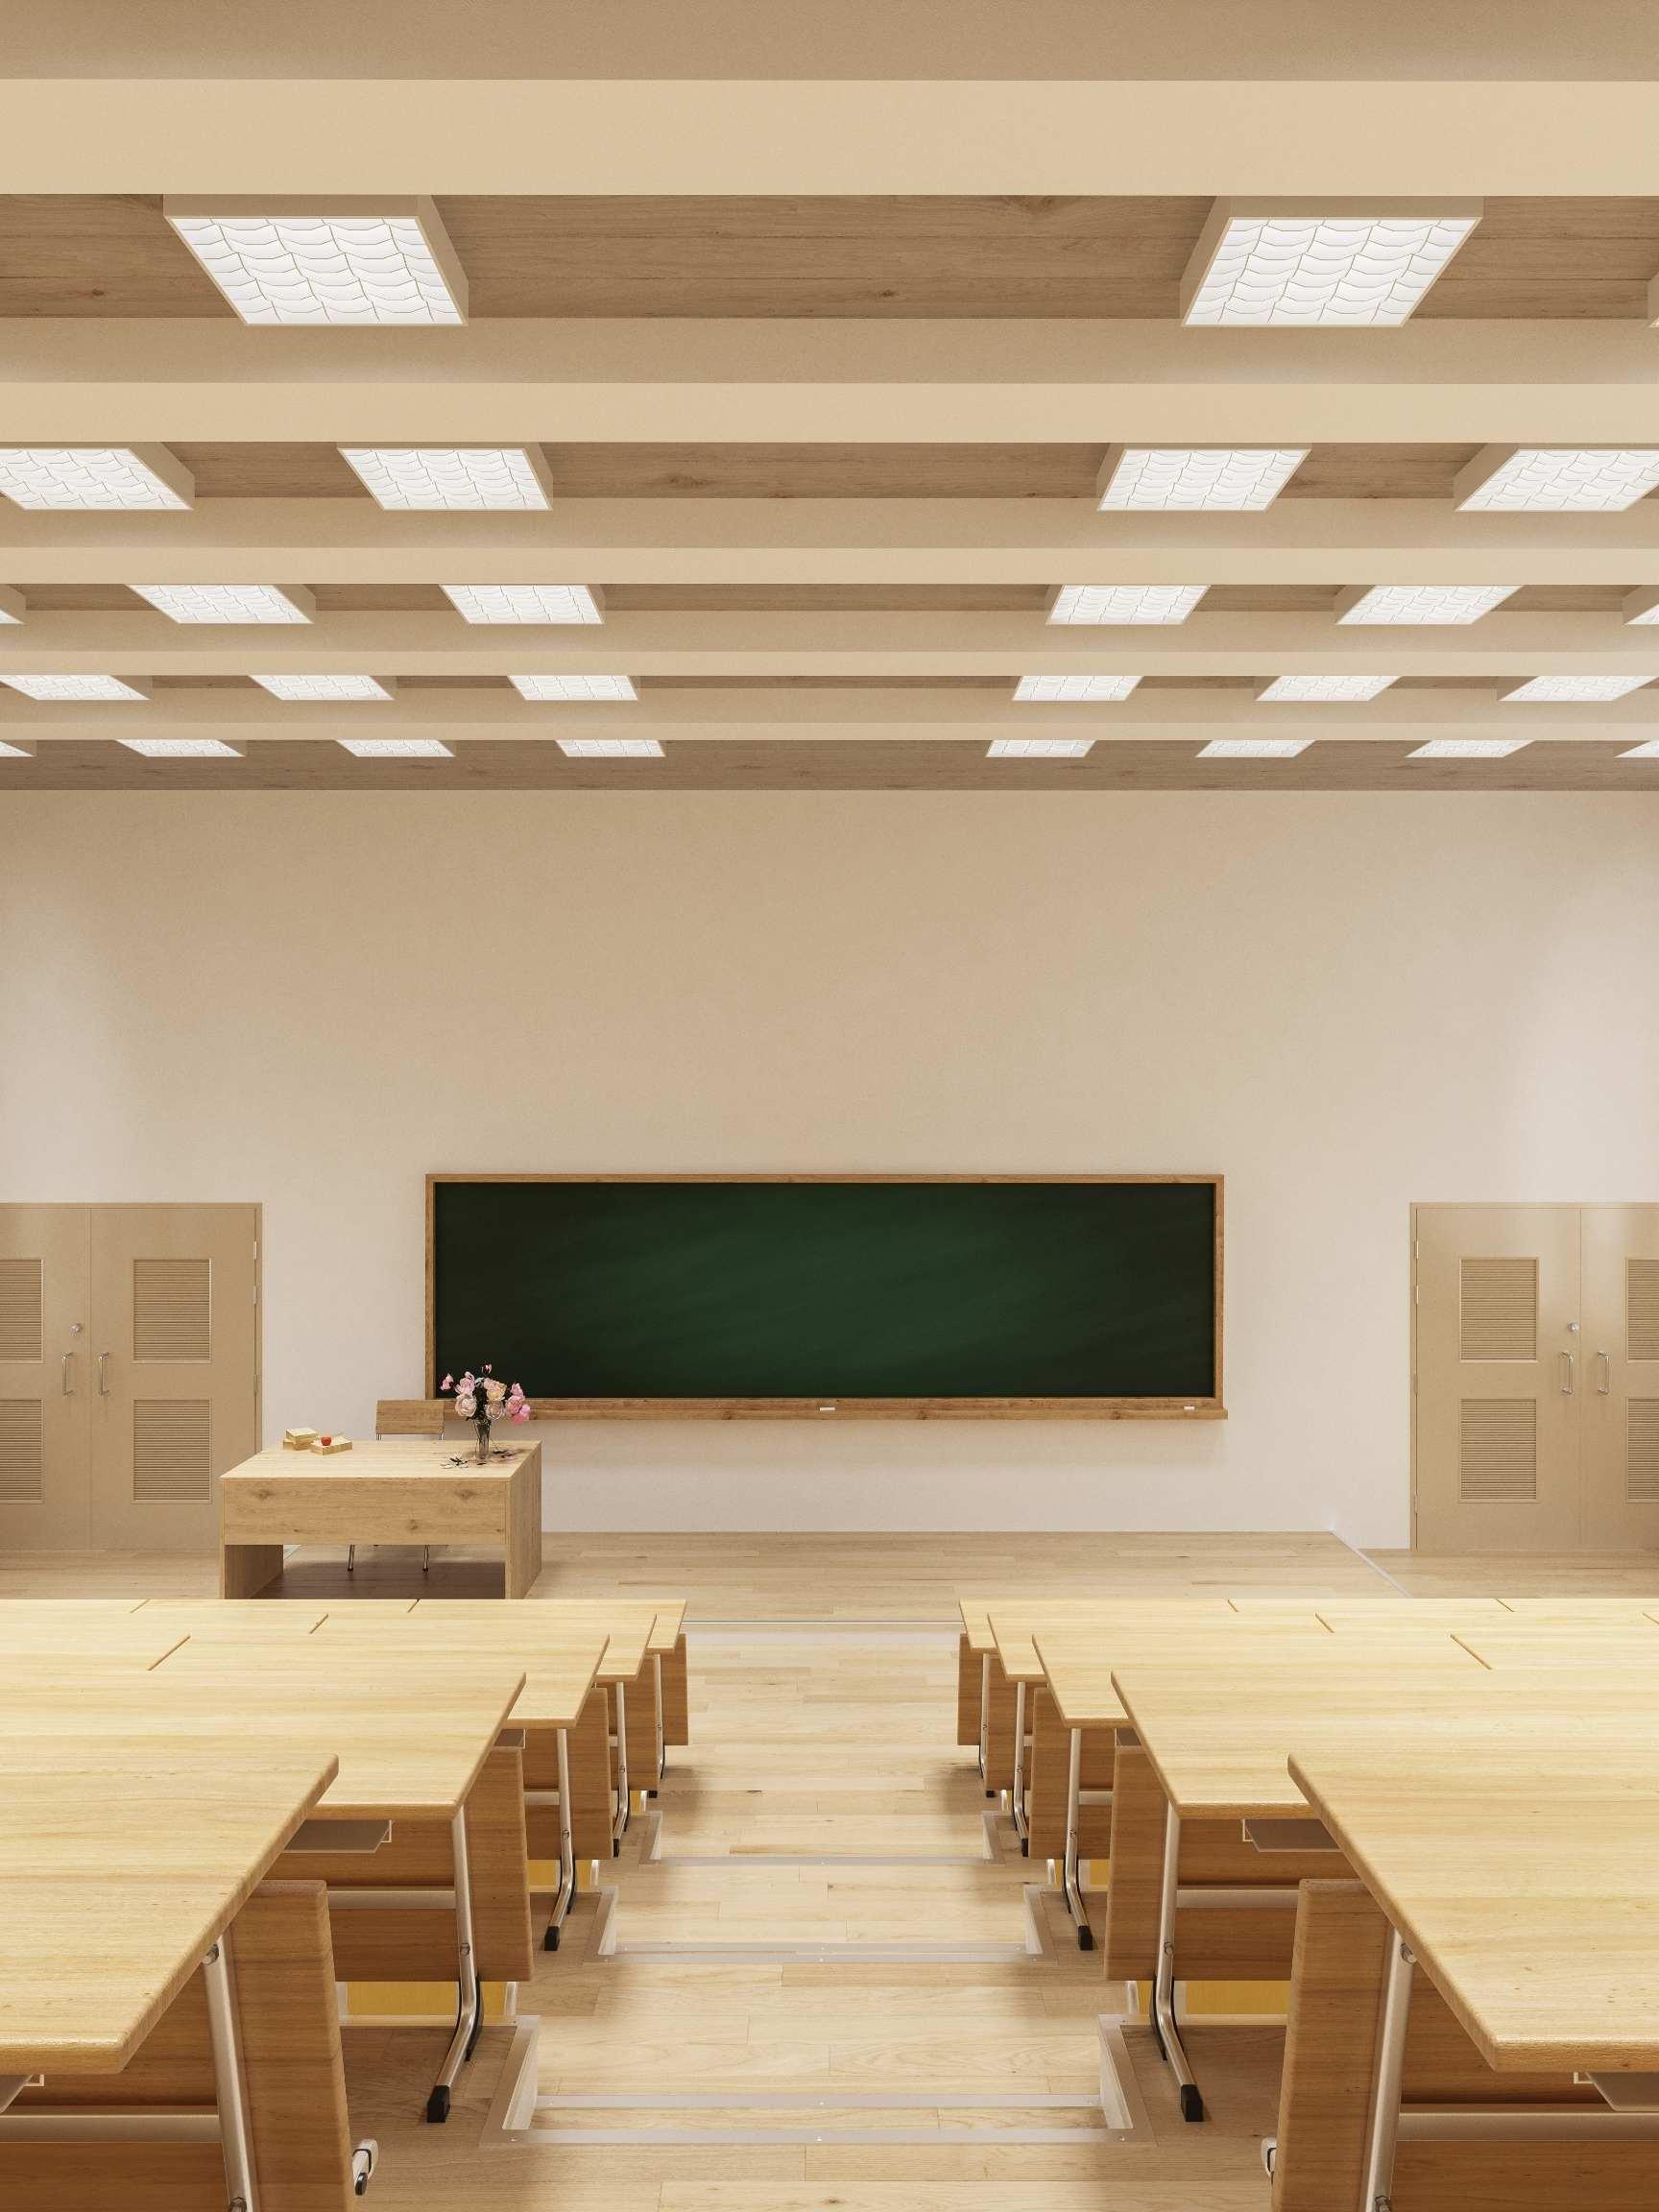 lecture theatre in Monash University Melbourne